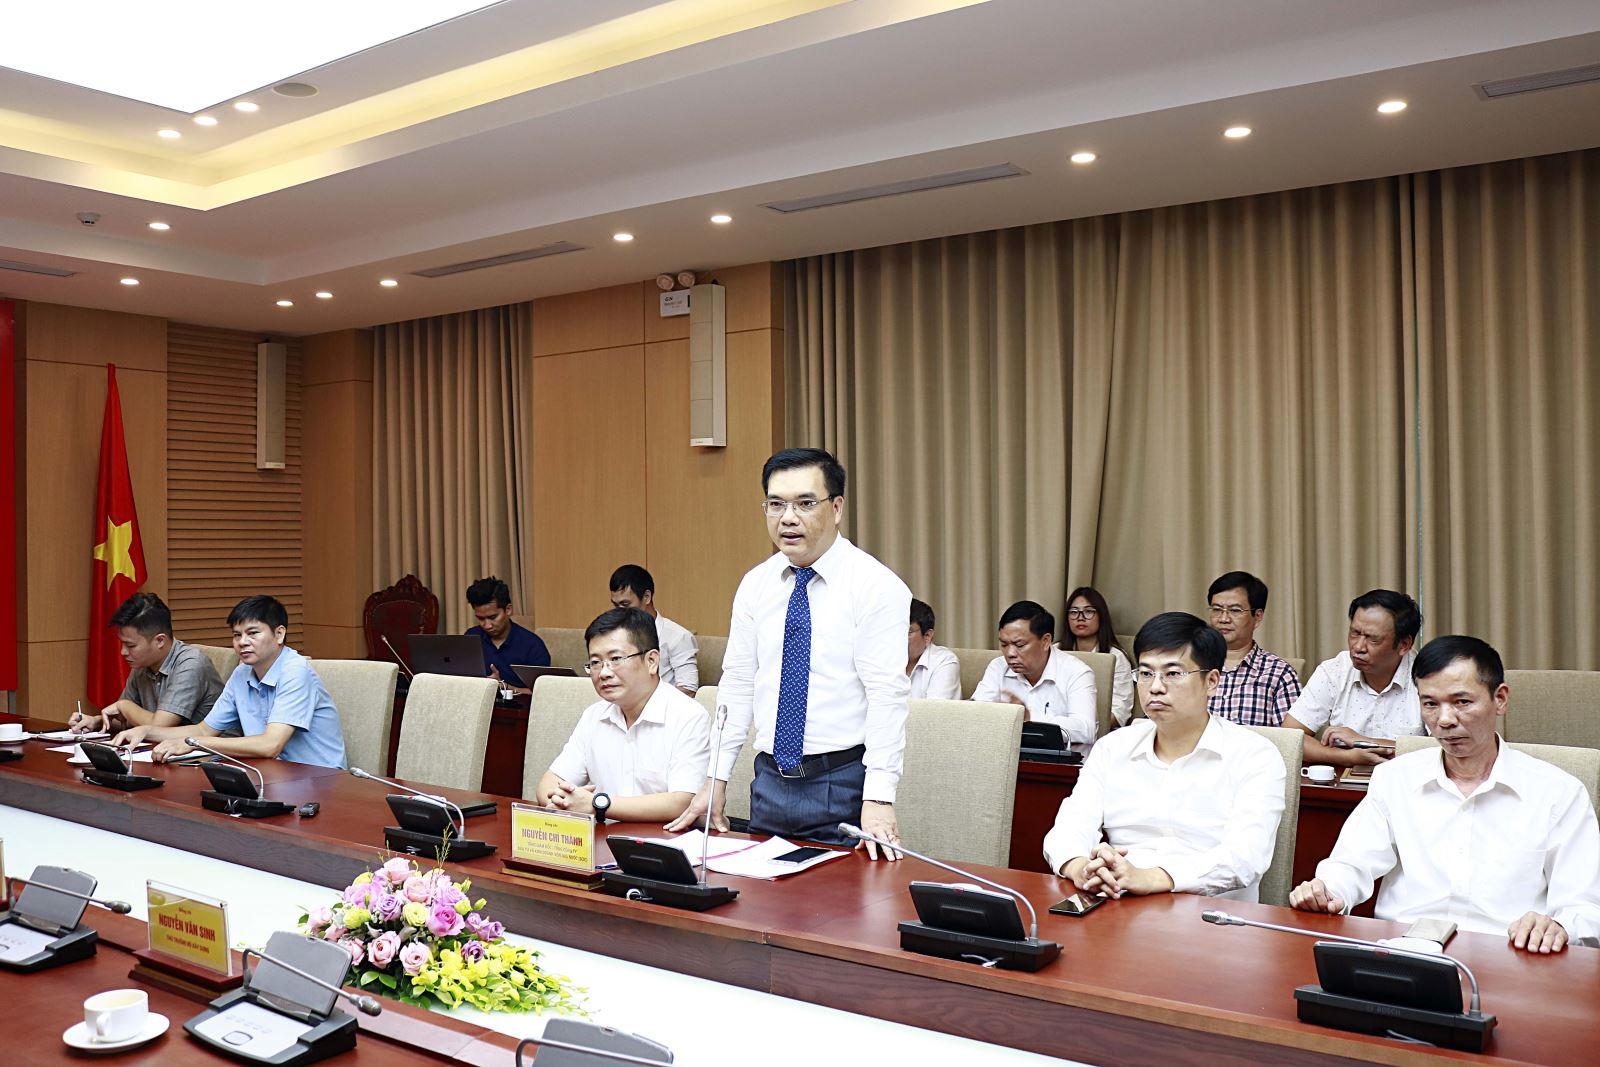 Tổng Giám đốc Tổng Công ty SCIC Nguyễn Chí Thành phát biểu tại buổi lễ